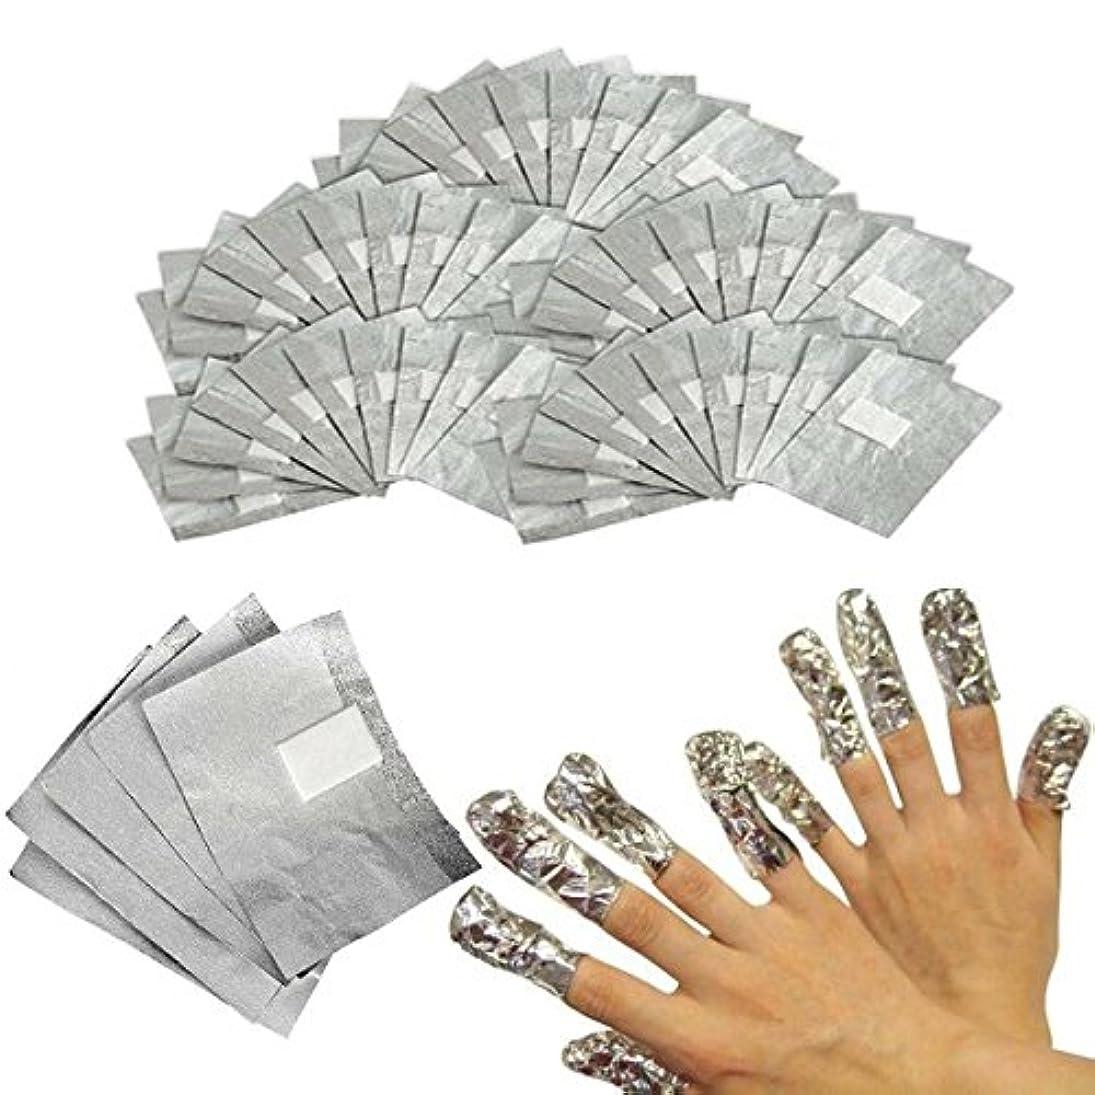 直立提案汗Elitlife 200枚セット アクリルUVジェル ネイルポリッシュをきれいにオフ コットン付きアルミホイル 素敵な在宅ゲル爪マニキュア用品